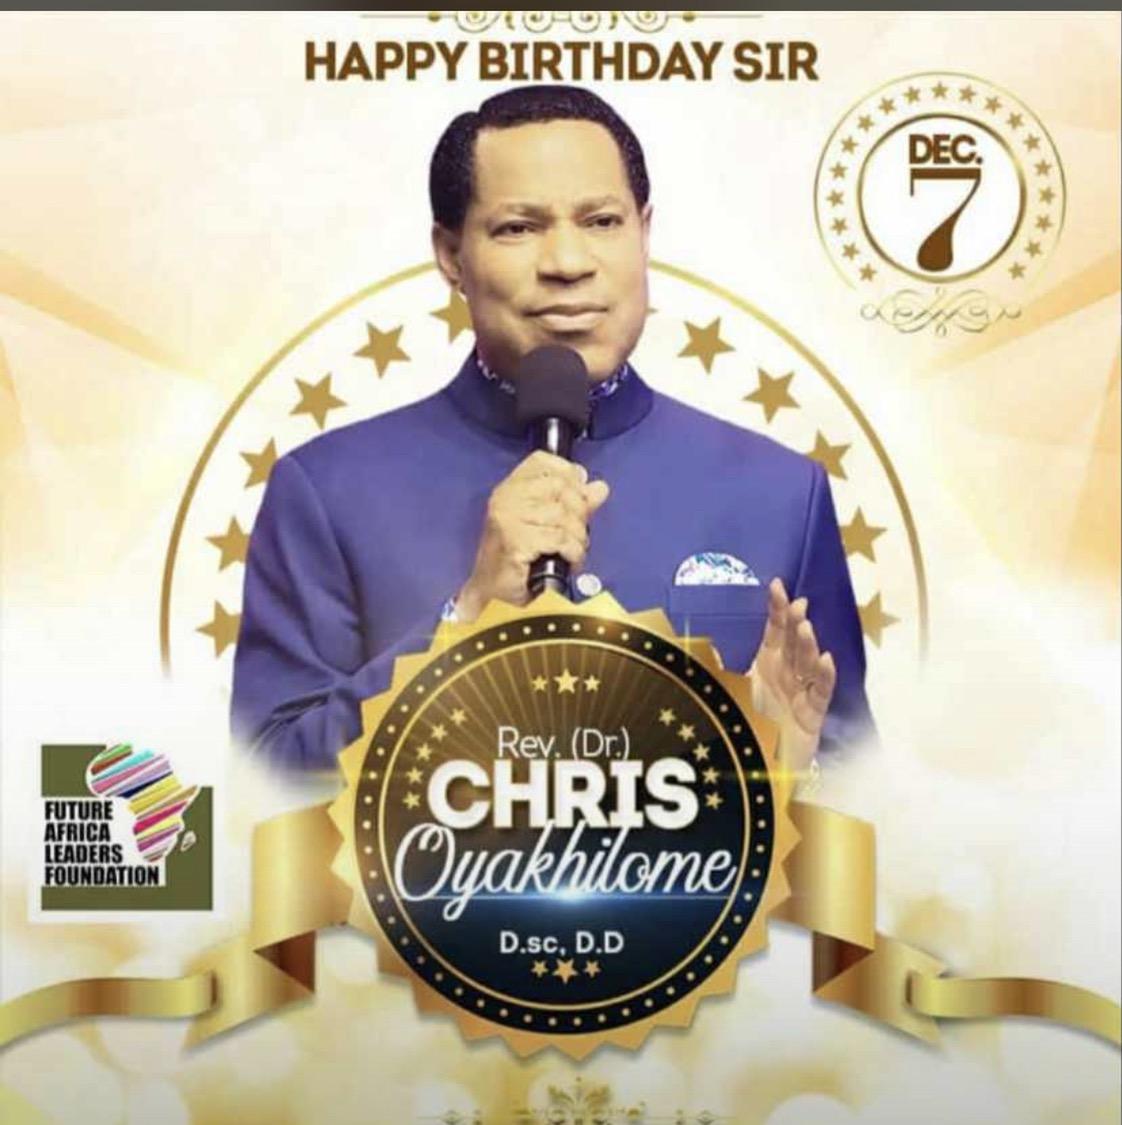 Happy birthday pastor ! I